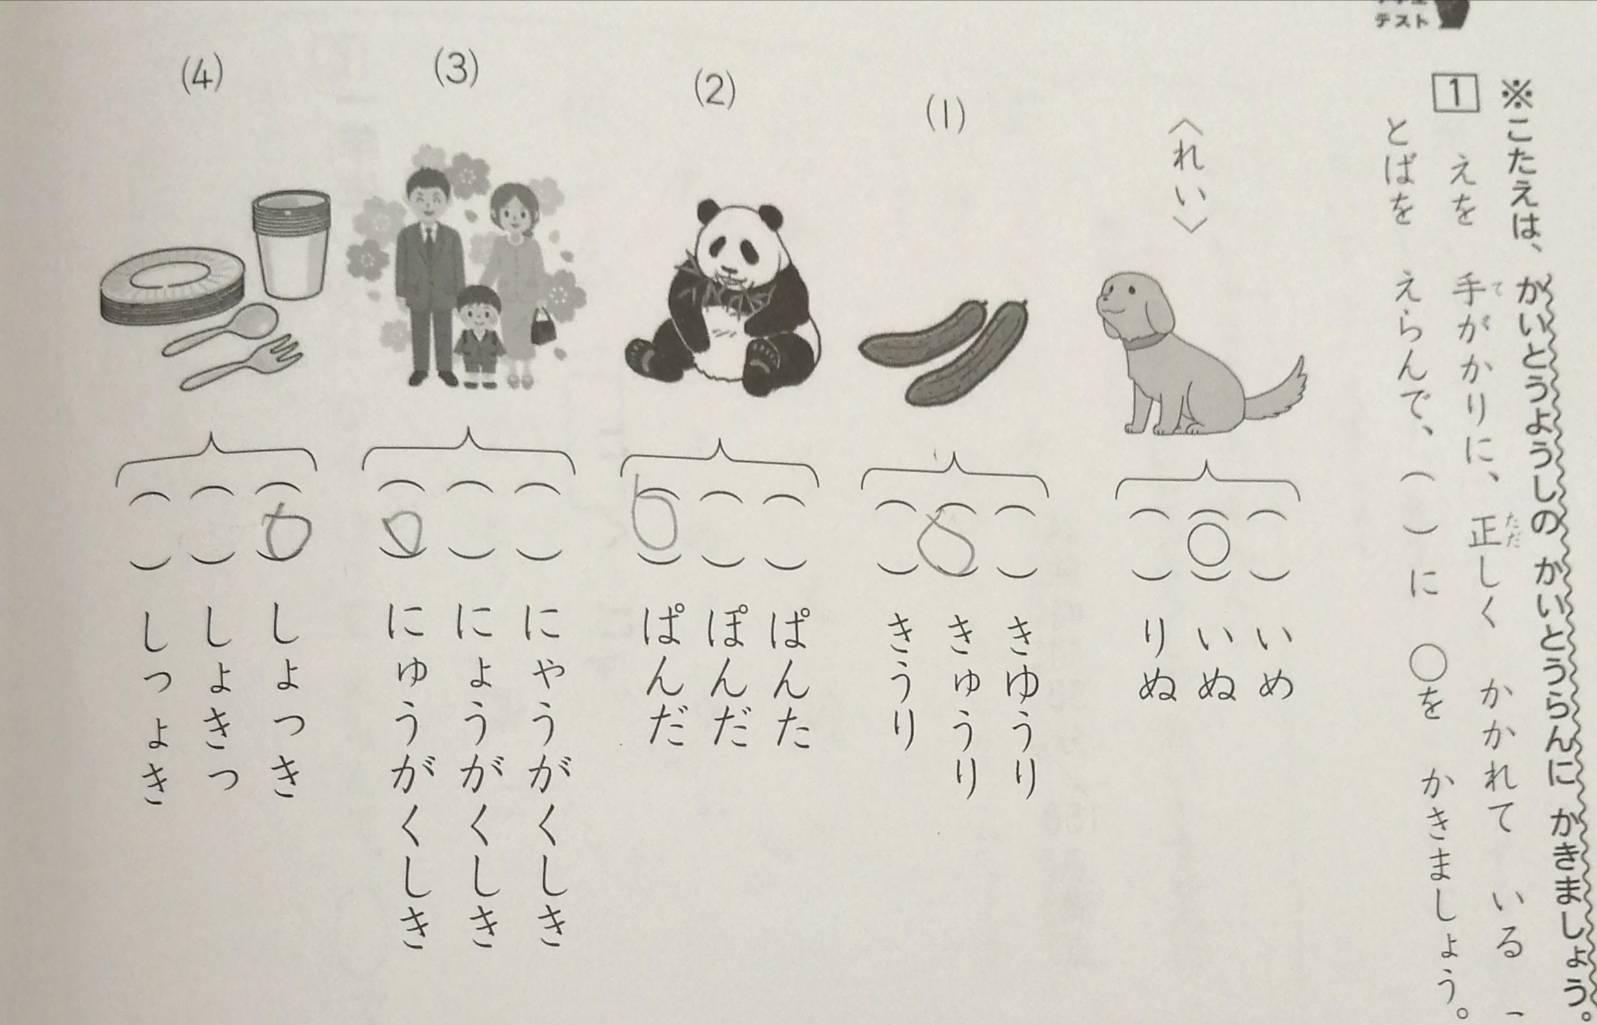 全国統一小学生テスト:小1当日のテスト内容→国語(写真付き)